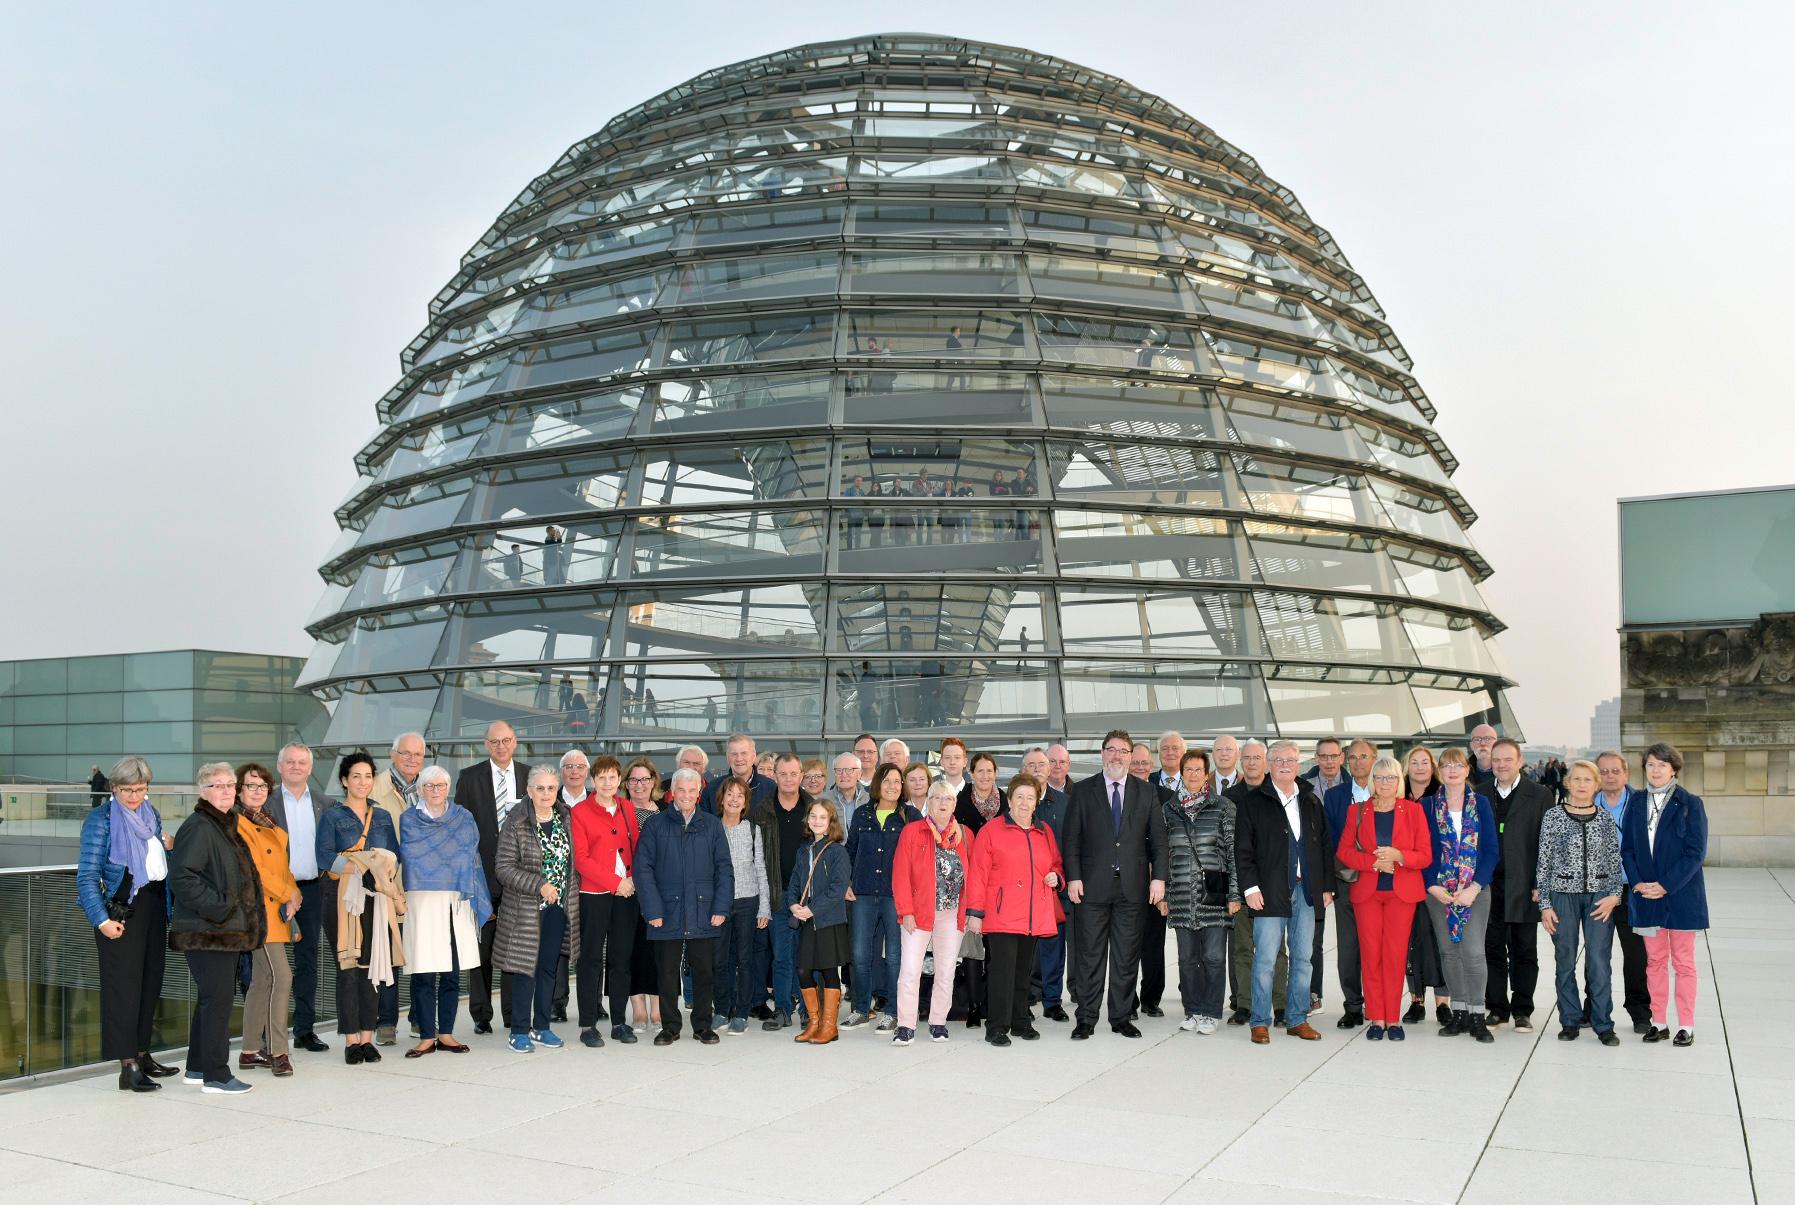 Aus dem Rhein – Kreis an die Spree – auf Einladung von Ansgar Heveling in Berlin